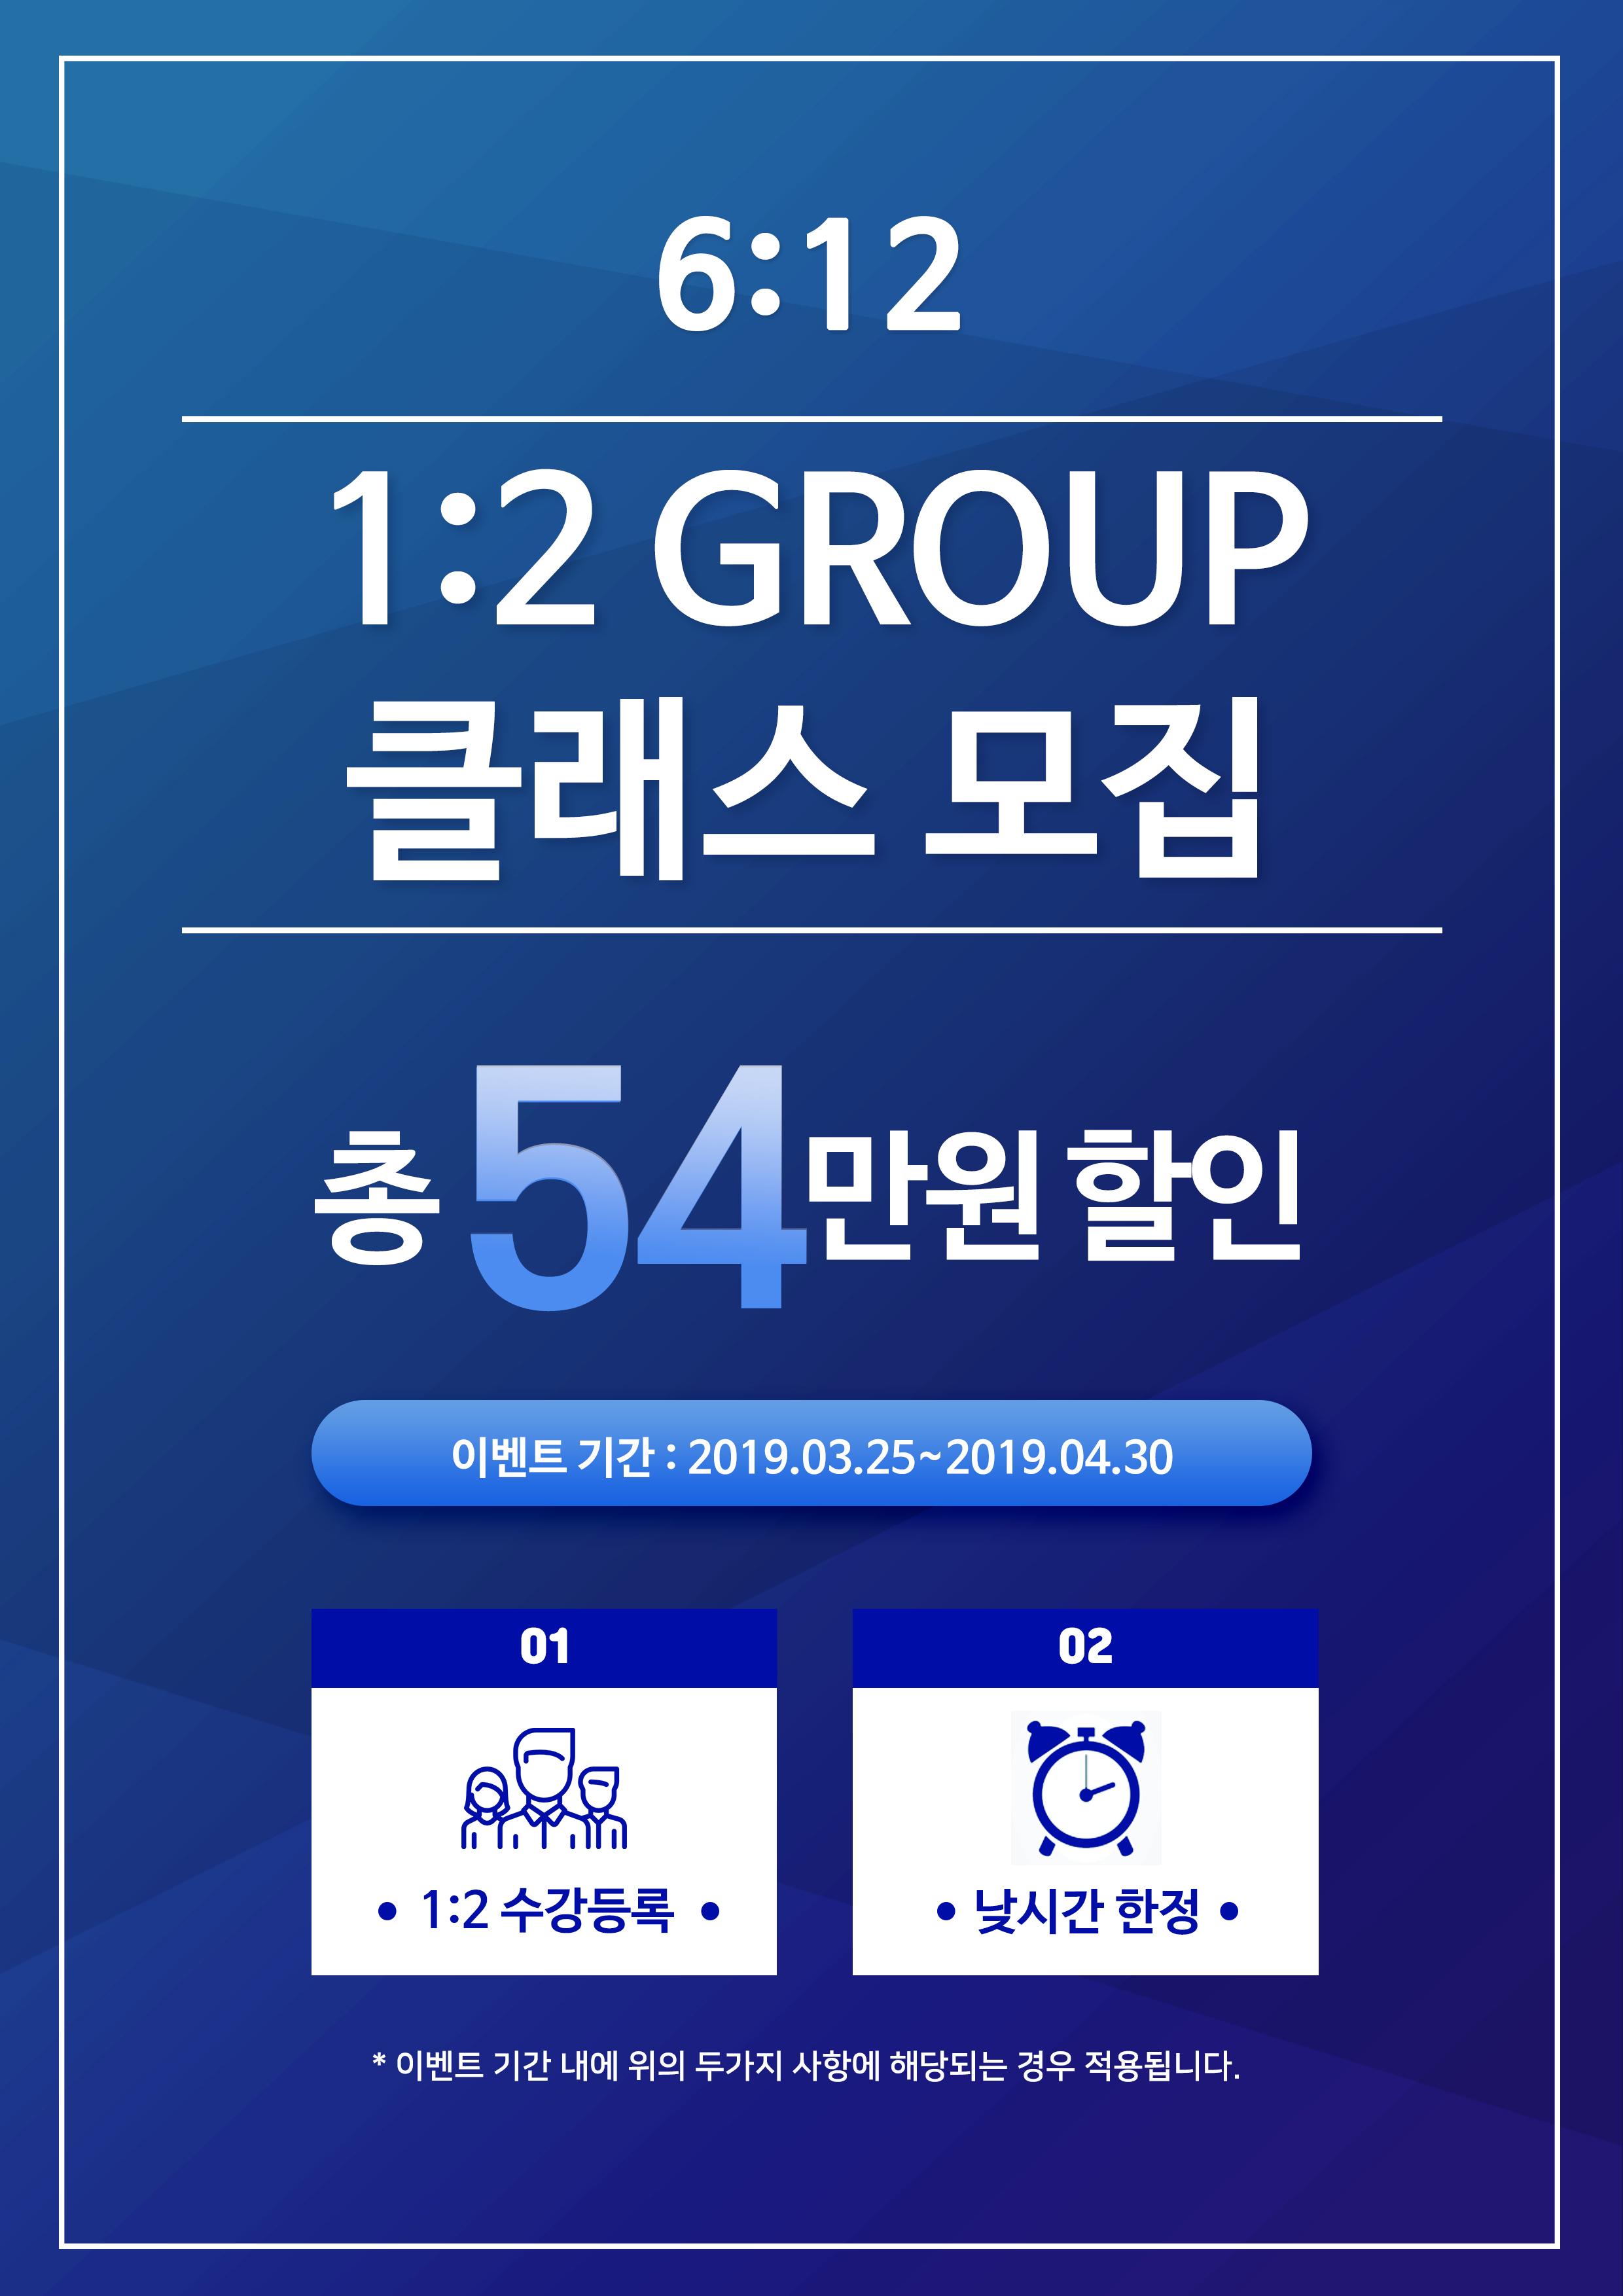 그룹-프로모션.jpg